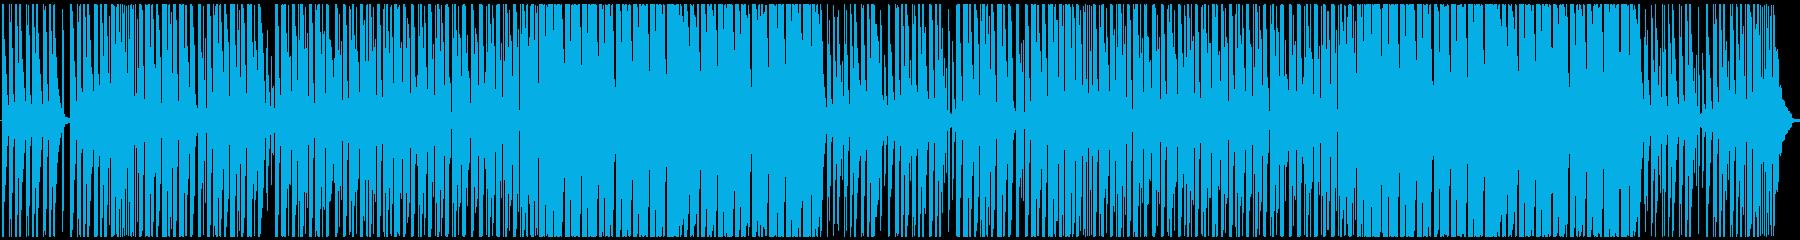 レゲエ スカし エキゾチック リラ...の再生済みの波形